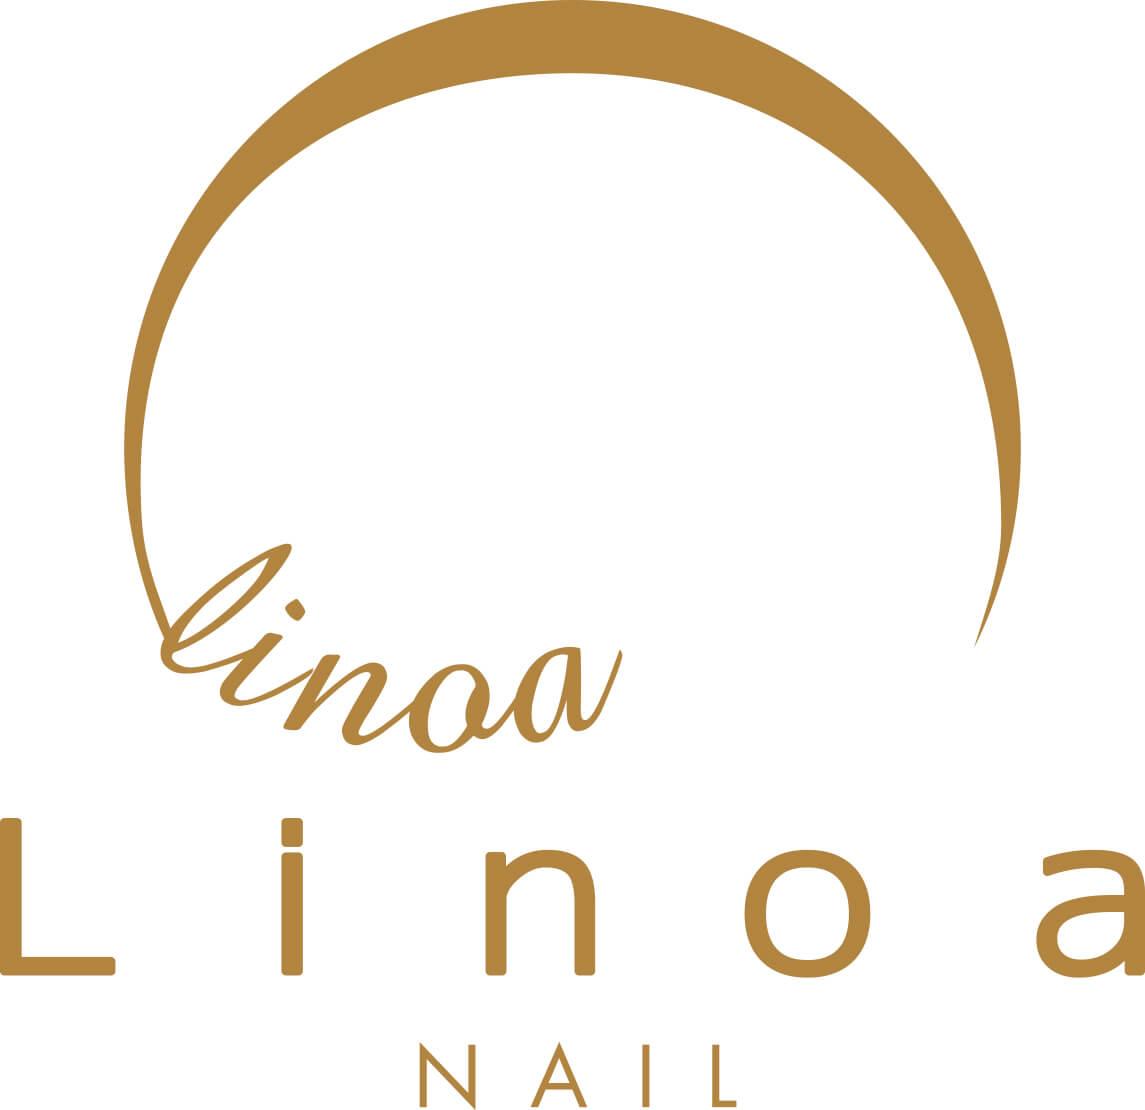 linoa-logo